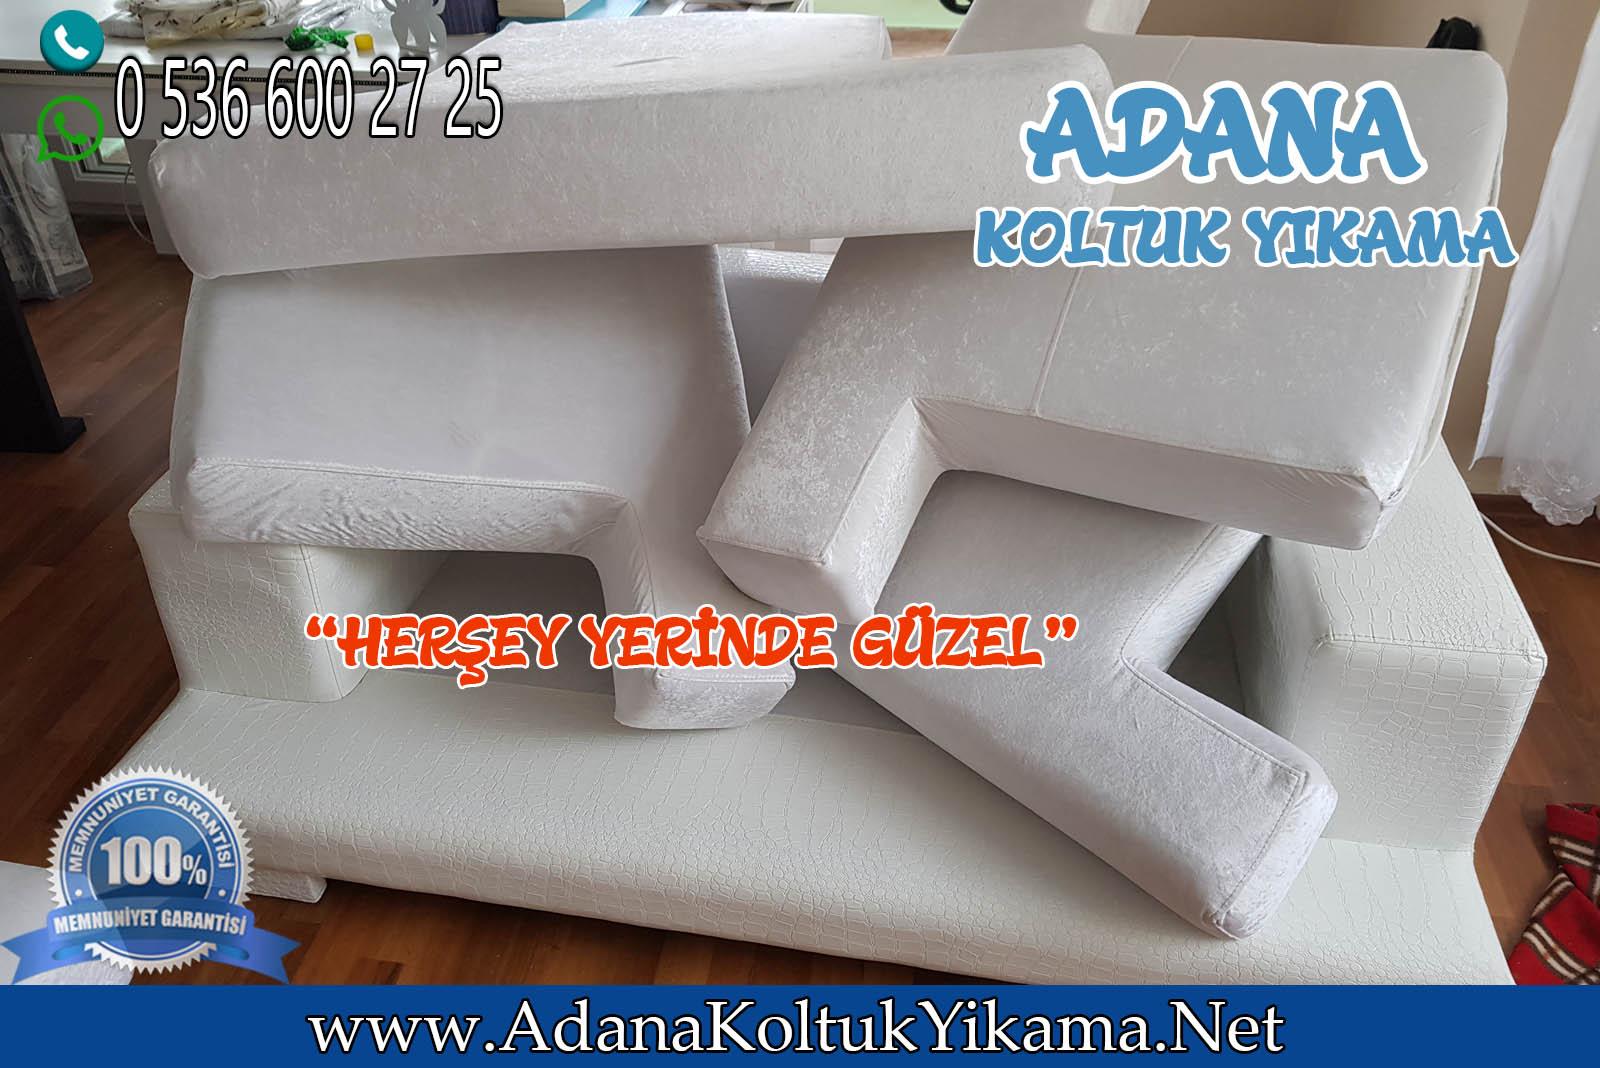 Adana Koltuk Temizliği